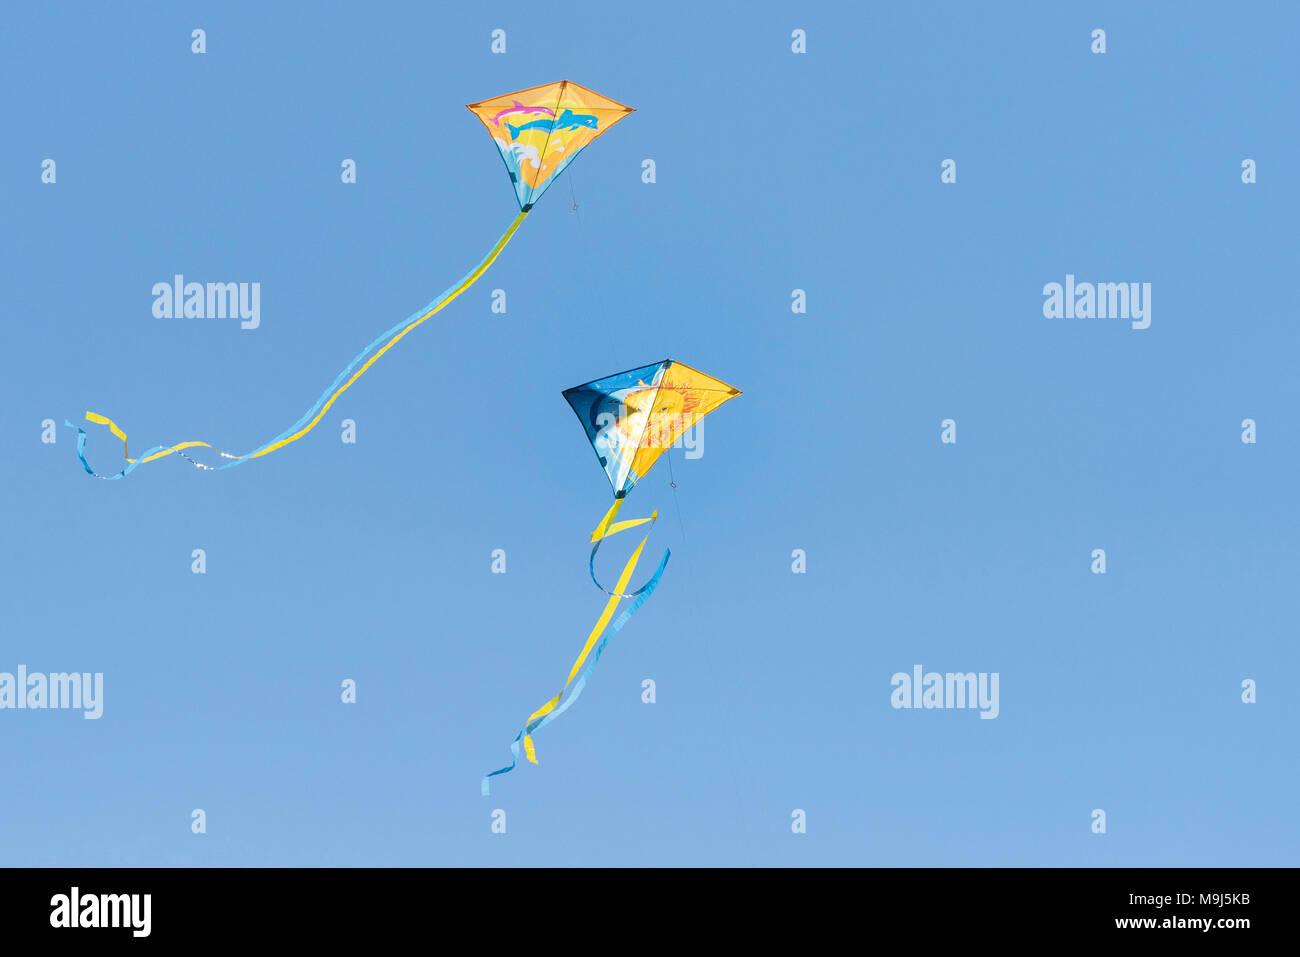 Zwei bunte Drachen vor einem blauen wolkenlosen Himmel fliegen. Stockbild